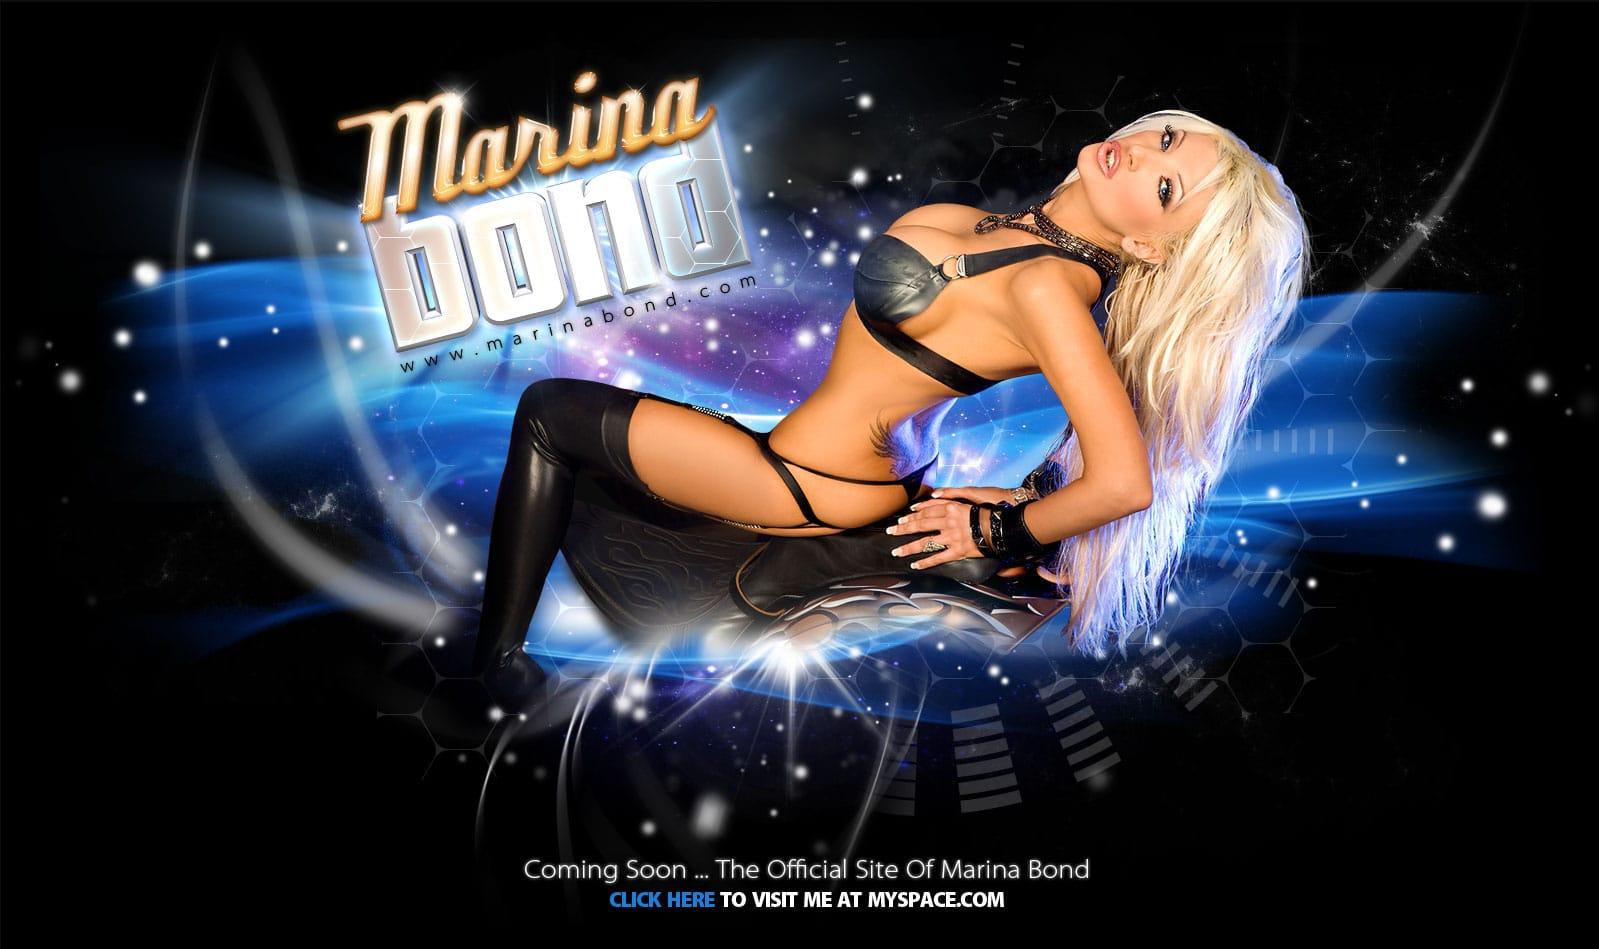 Marina Bond